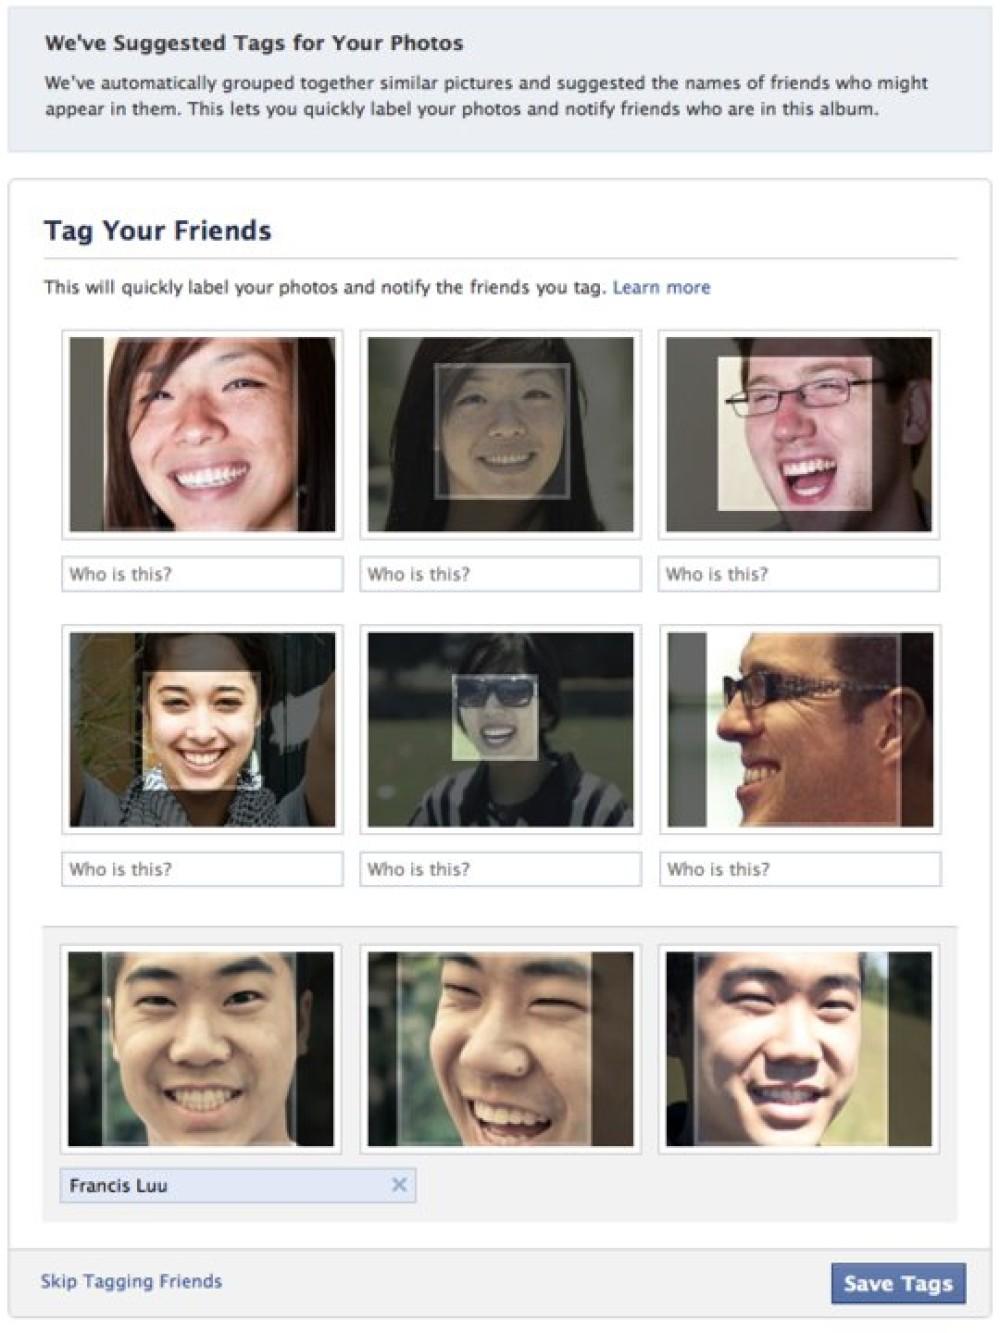 Facebook Photos Tag Suggestions: Η νέα λειτουργία αναγνώρισης προσώπου για αυτόματο tagging στις φωτογραφίες, θα συζητηθεί πολύ...